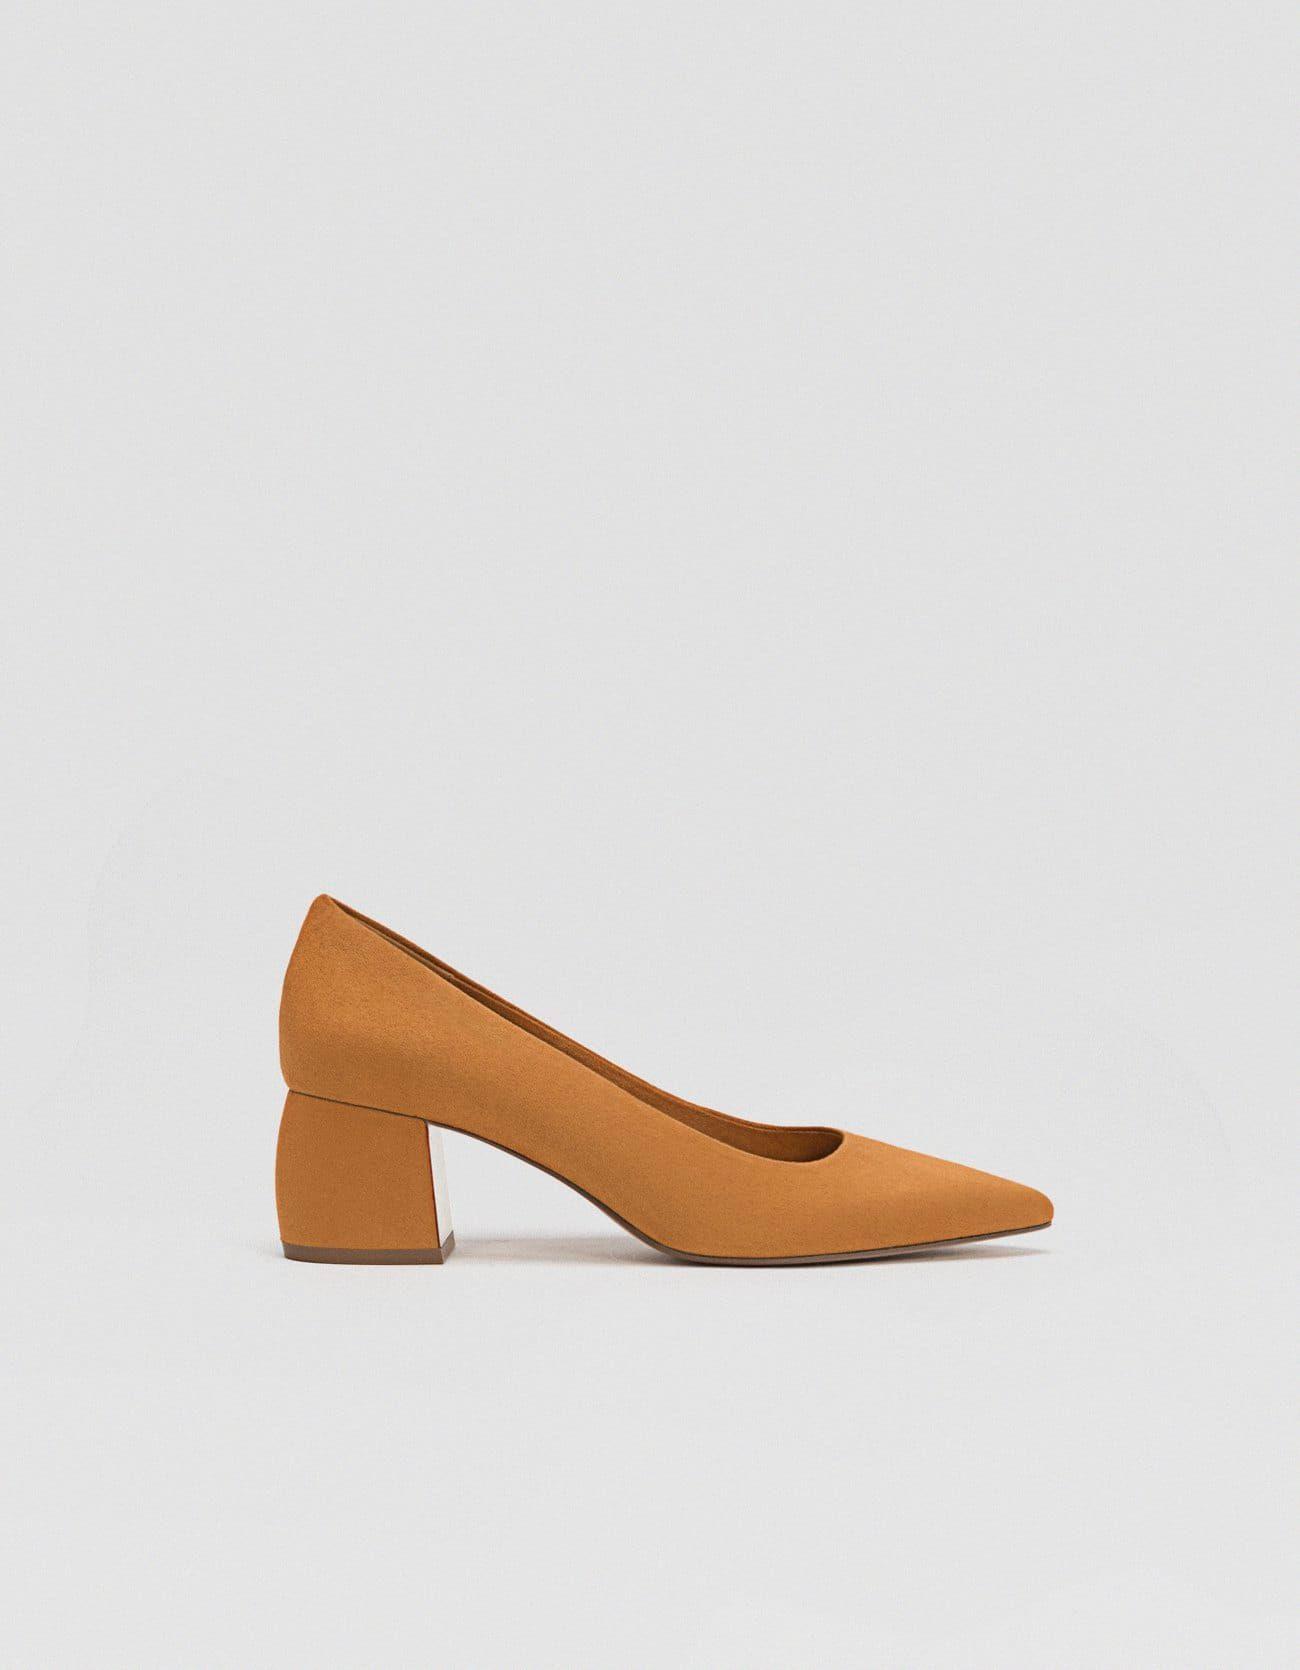 Stradivarius Todos Medio Tacón Zapato Marrón Mujer Shoes De qwt5Y